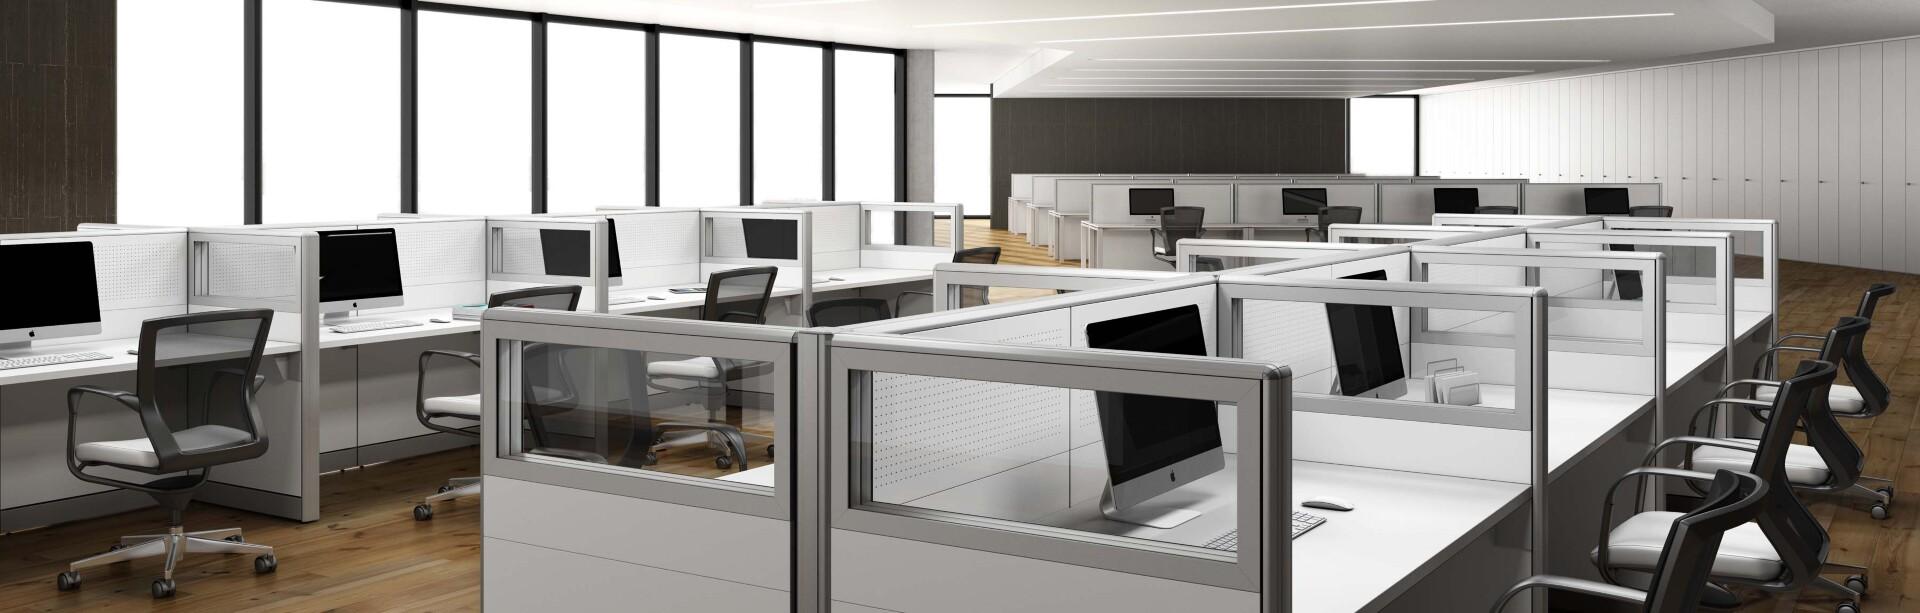 ufficio-call-center-kubi.jpg